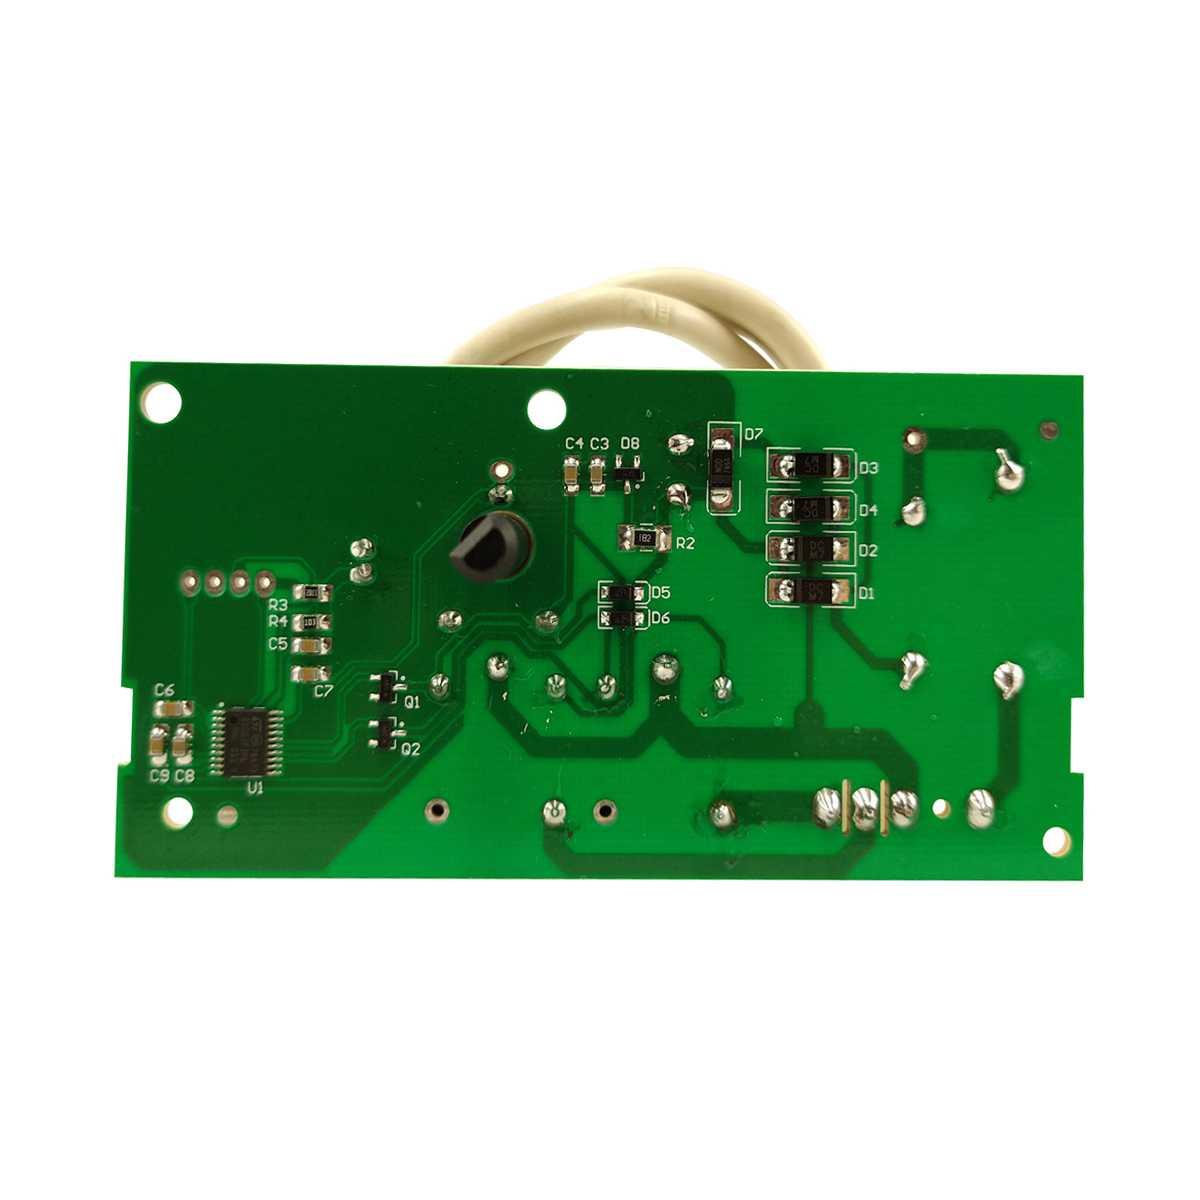 Placa de controle de temperatura Geladeira GE, MABE, DAKO 127V  225D2354G008